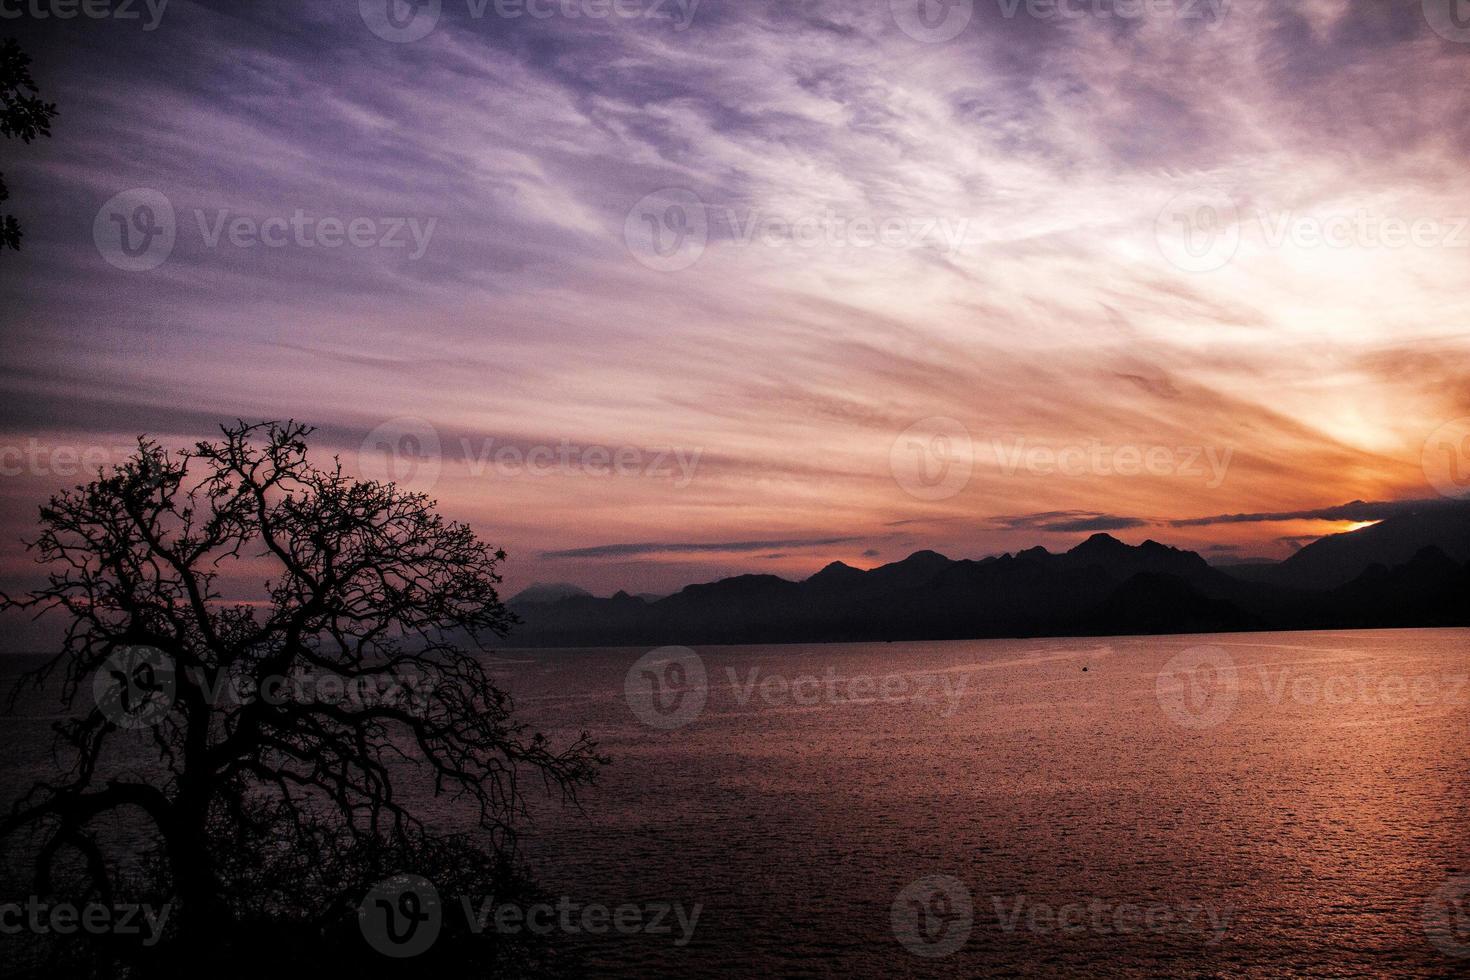 coucher de soleil et arbre sec. photo